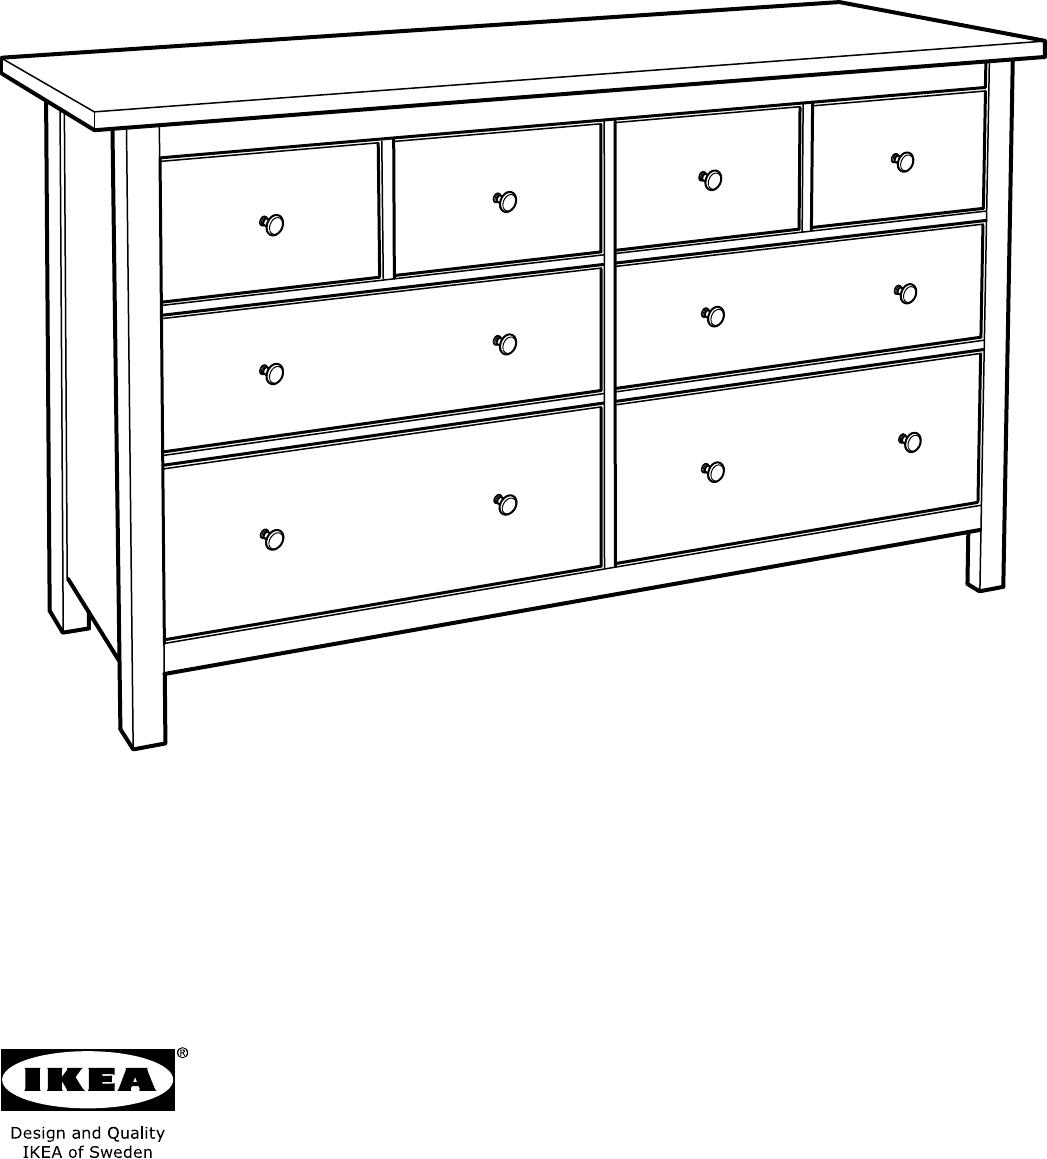 Ikea Ladekast 8 Lades.Handleiding Ikea Hemnes Ladekast 8 Lades Pagina 1 Van 32 Dansk